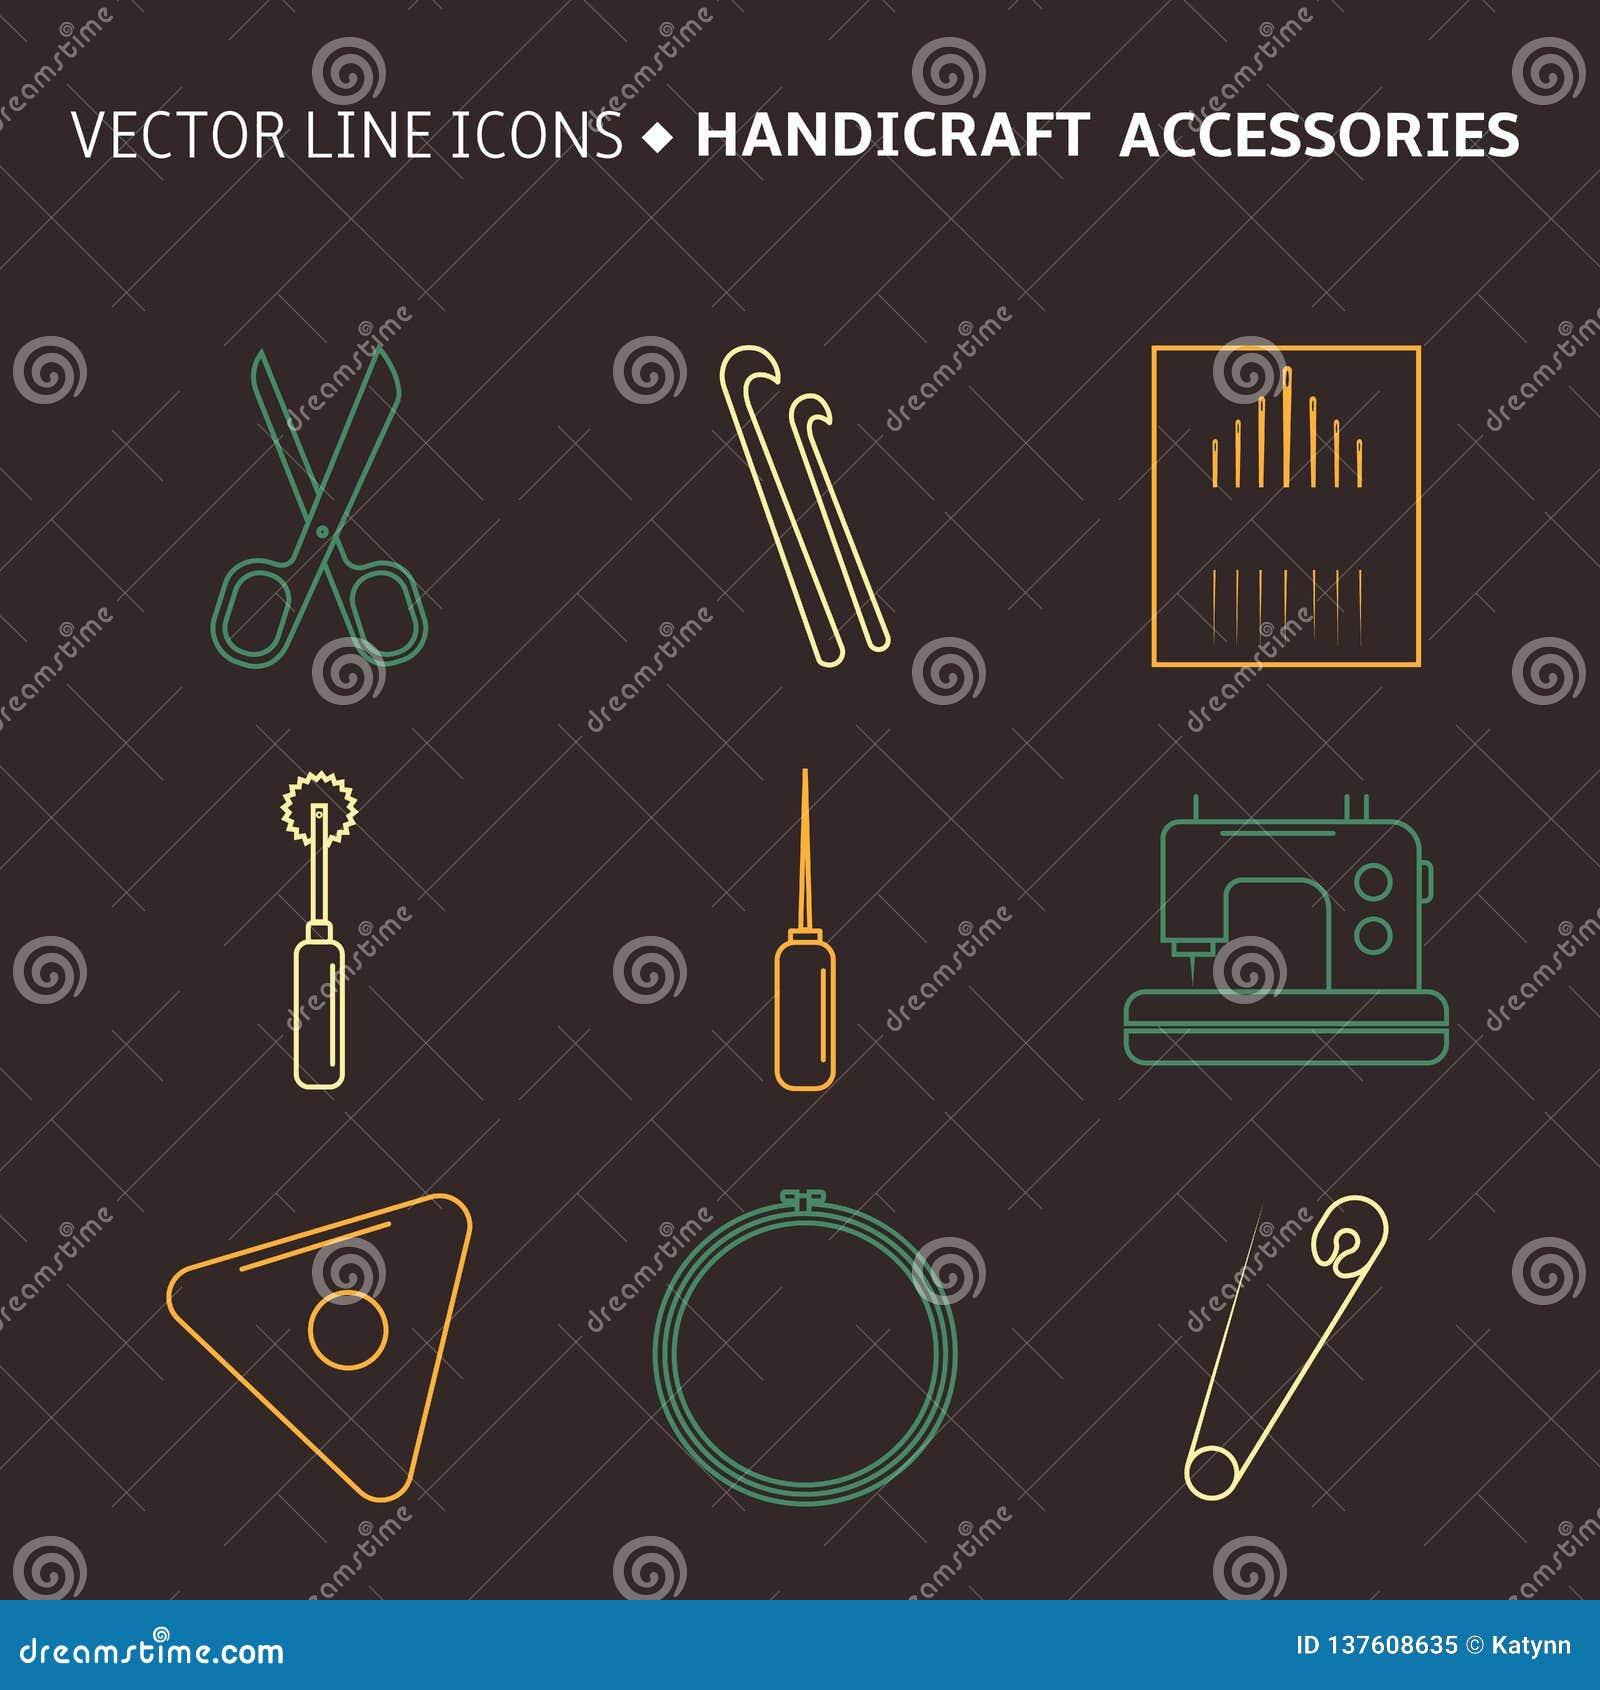 Accesorios de la artesanía del vector Línea sistema del arte de los accesorios para coser y hecho a mano